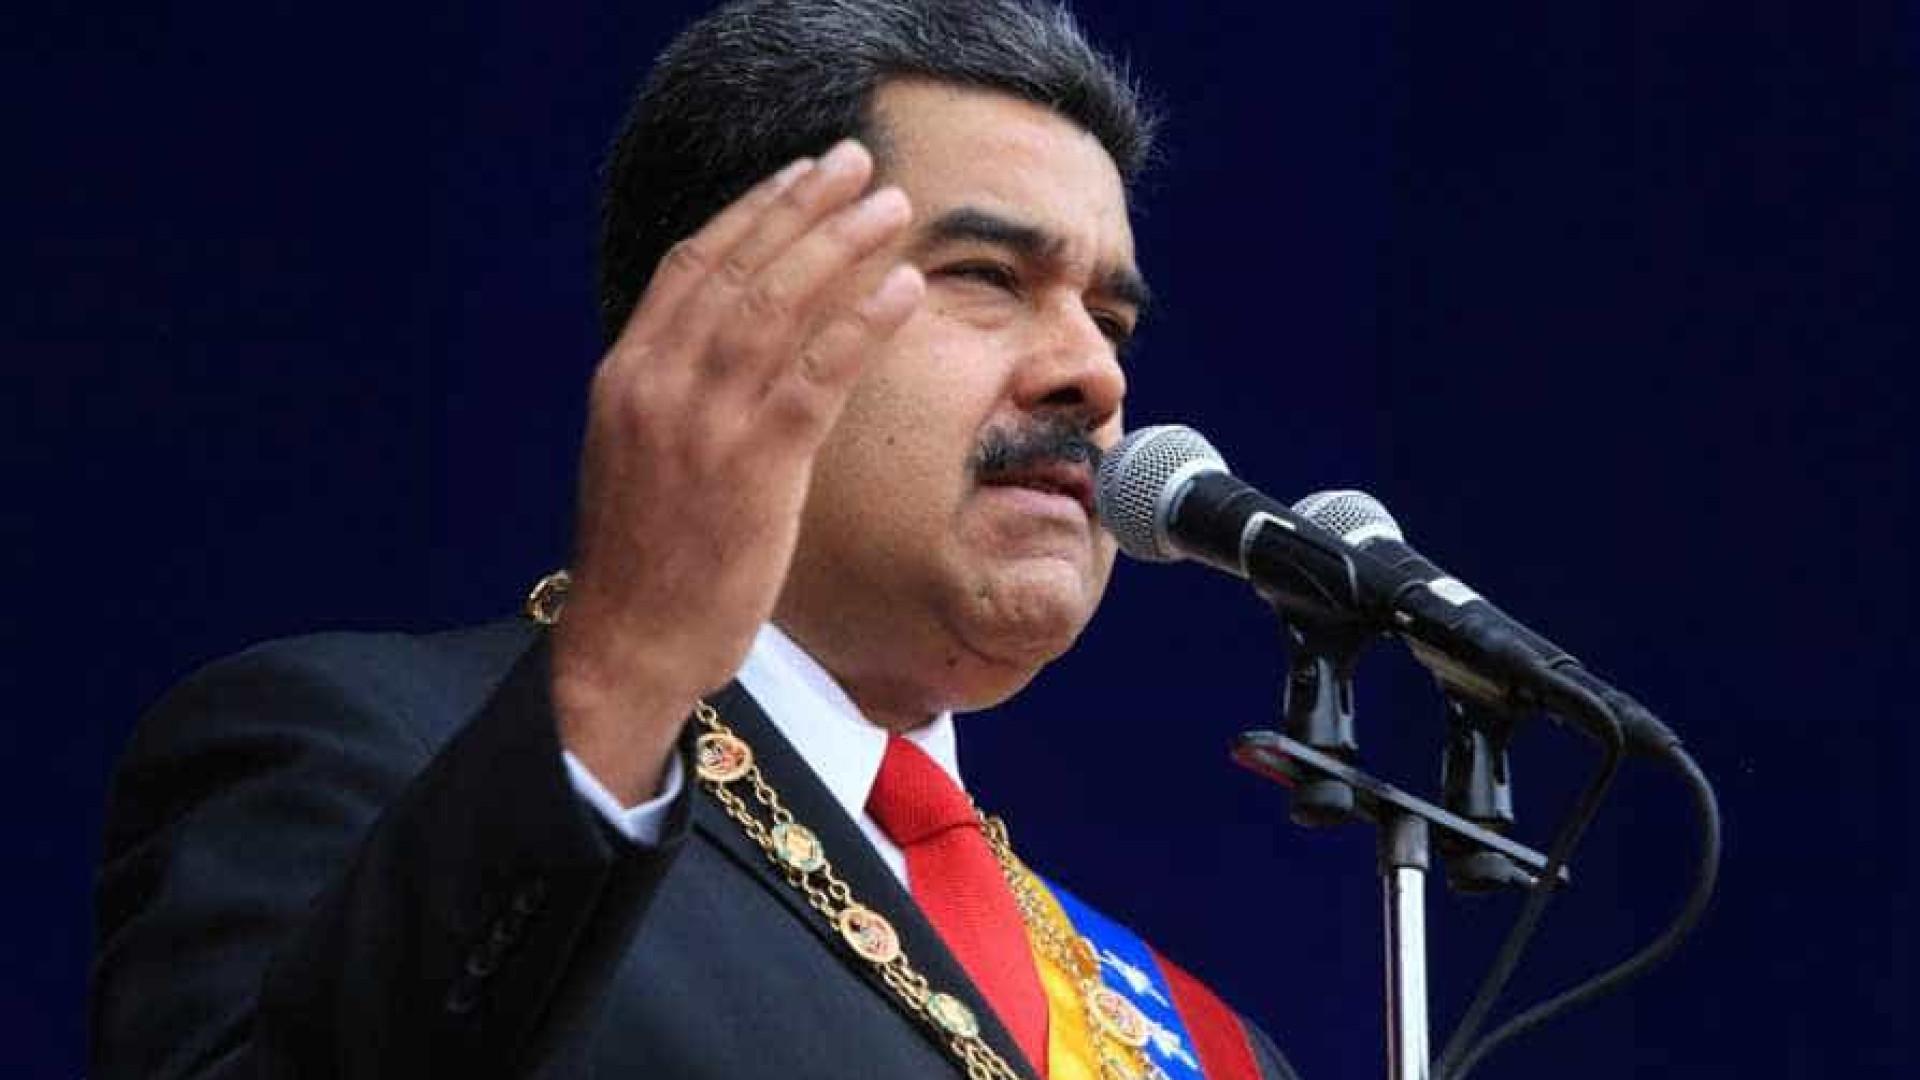 Durante discurso, Maduro é alvo de tentativa de atentado com drone